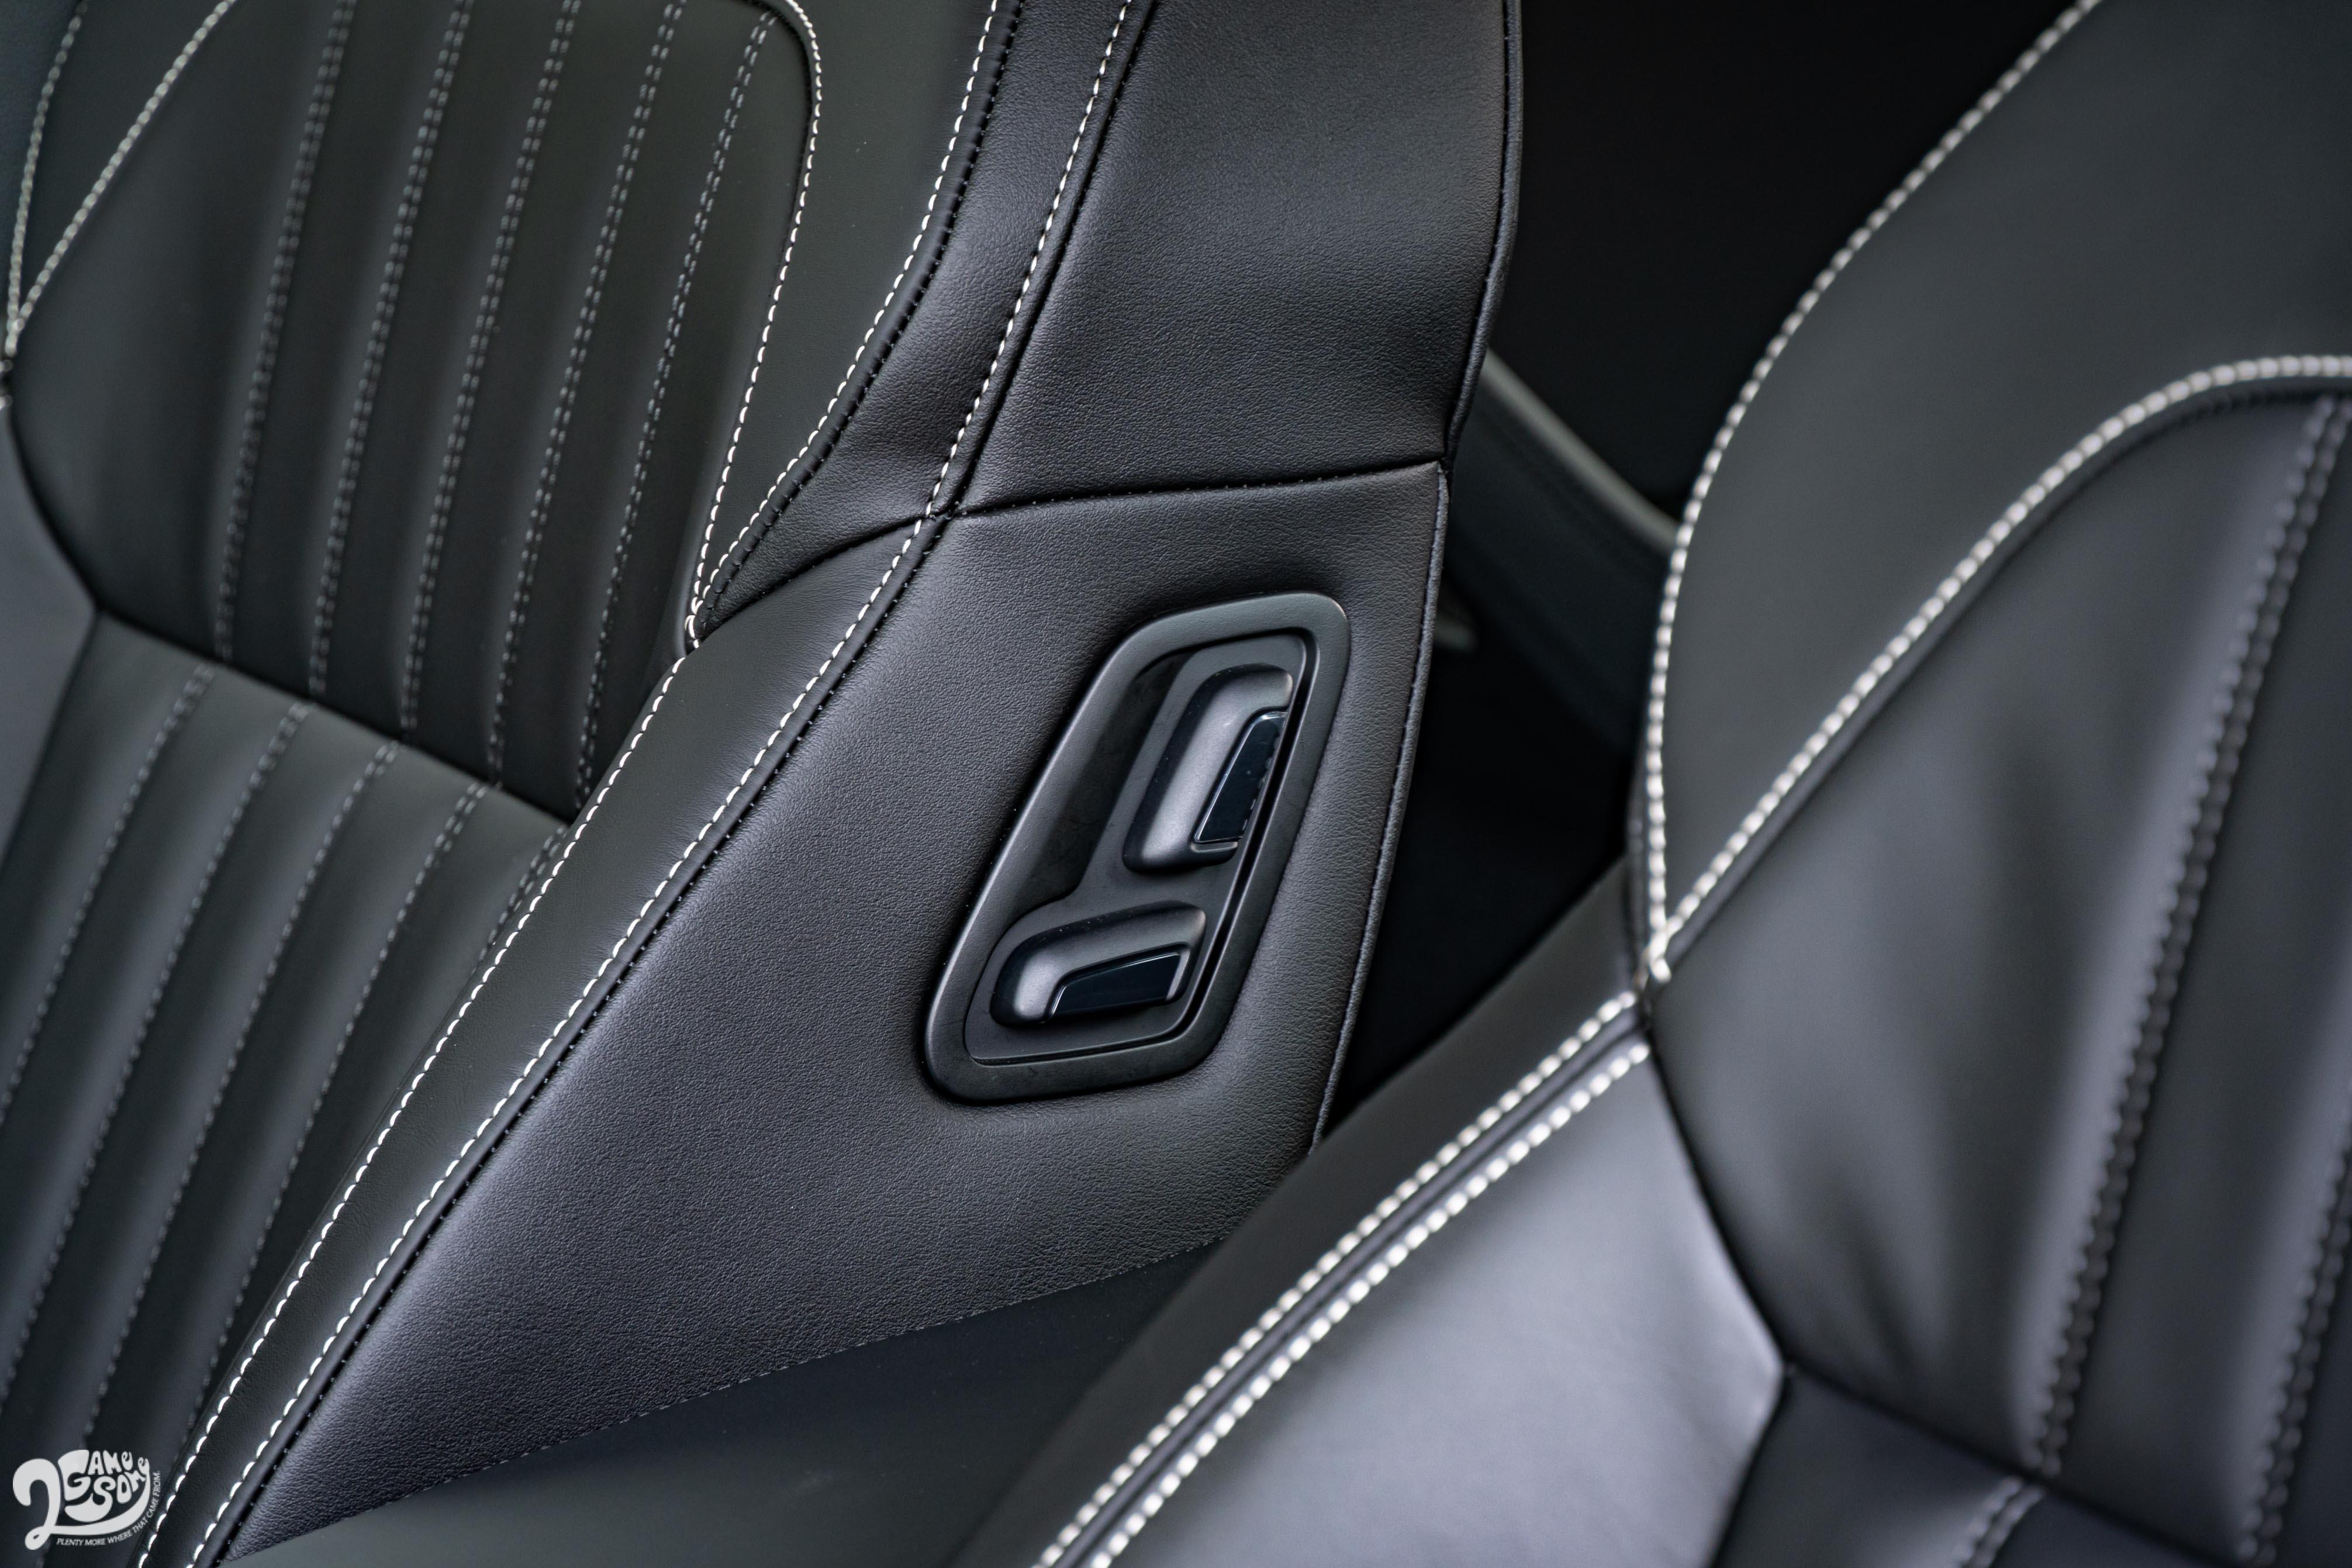 若是身處傳統的「主管位置」,還可以讓司機從副駕椅背調整前座位置,替你最大化乘坐空間。